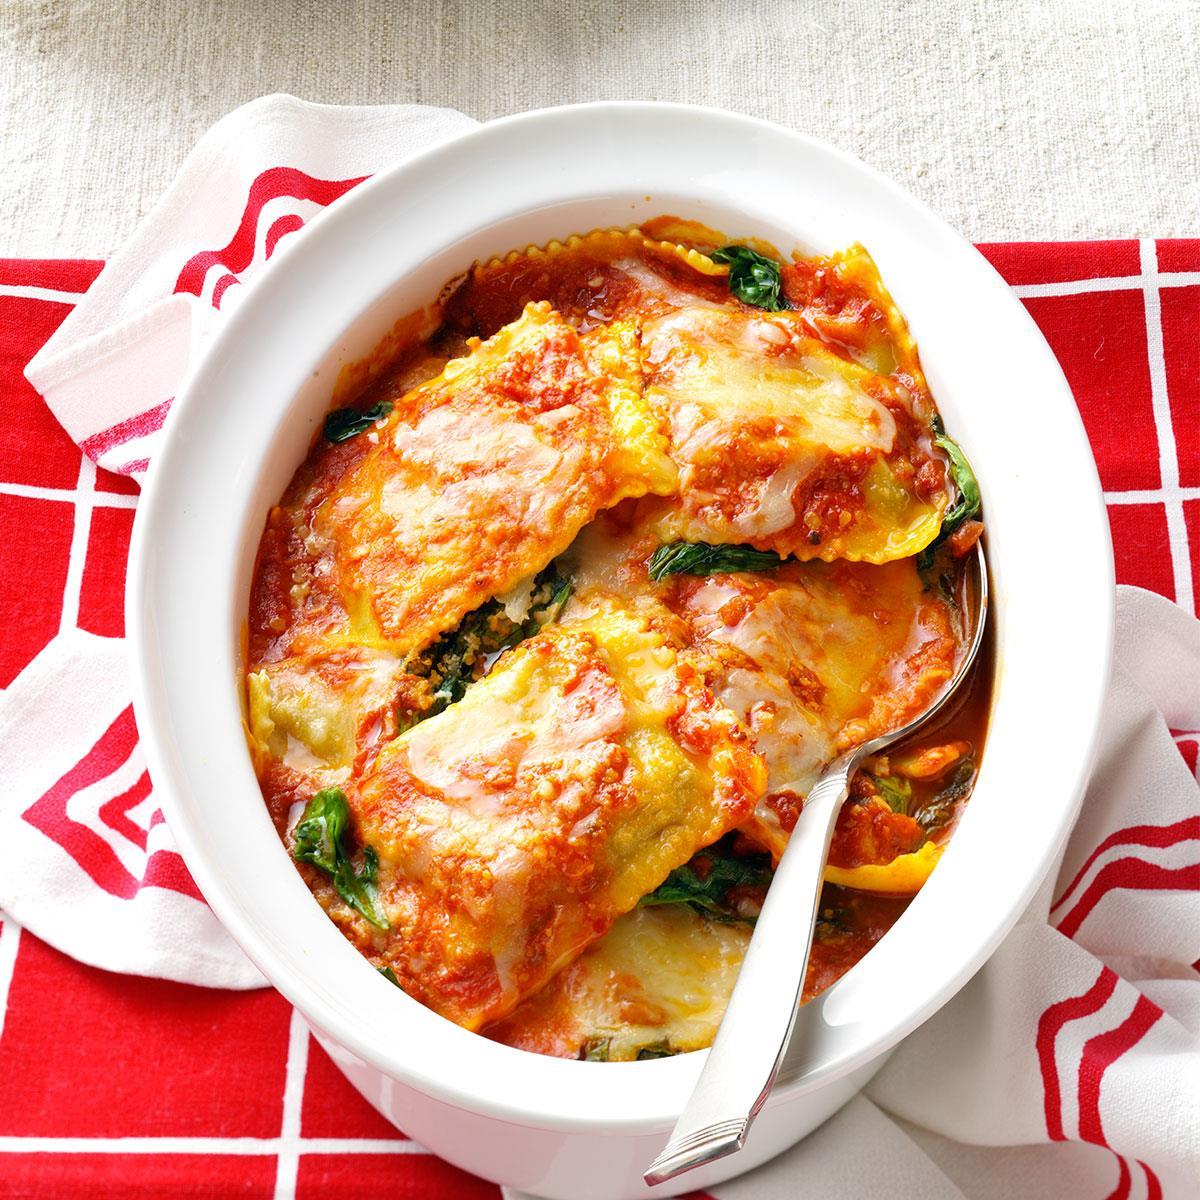 We prepare sauce for lasagna and ravioli